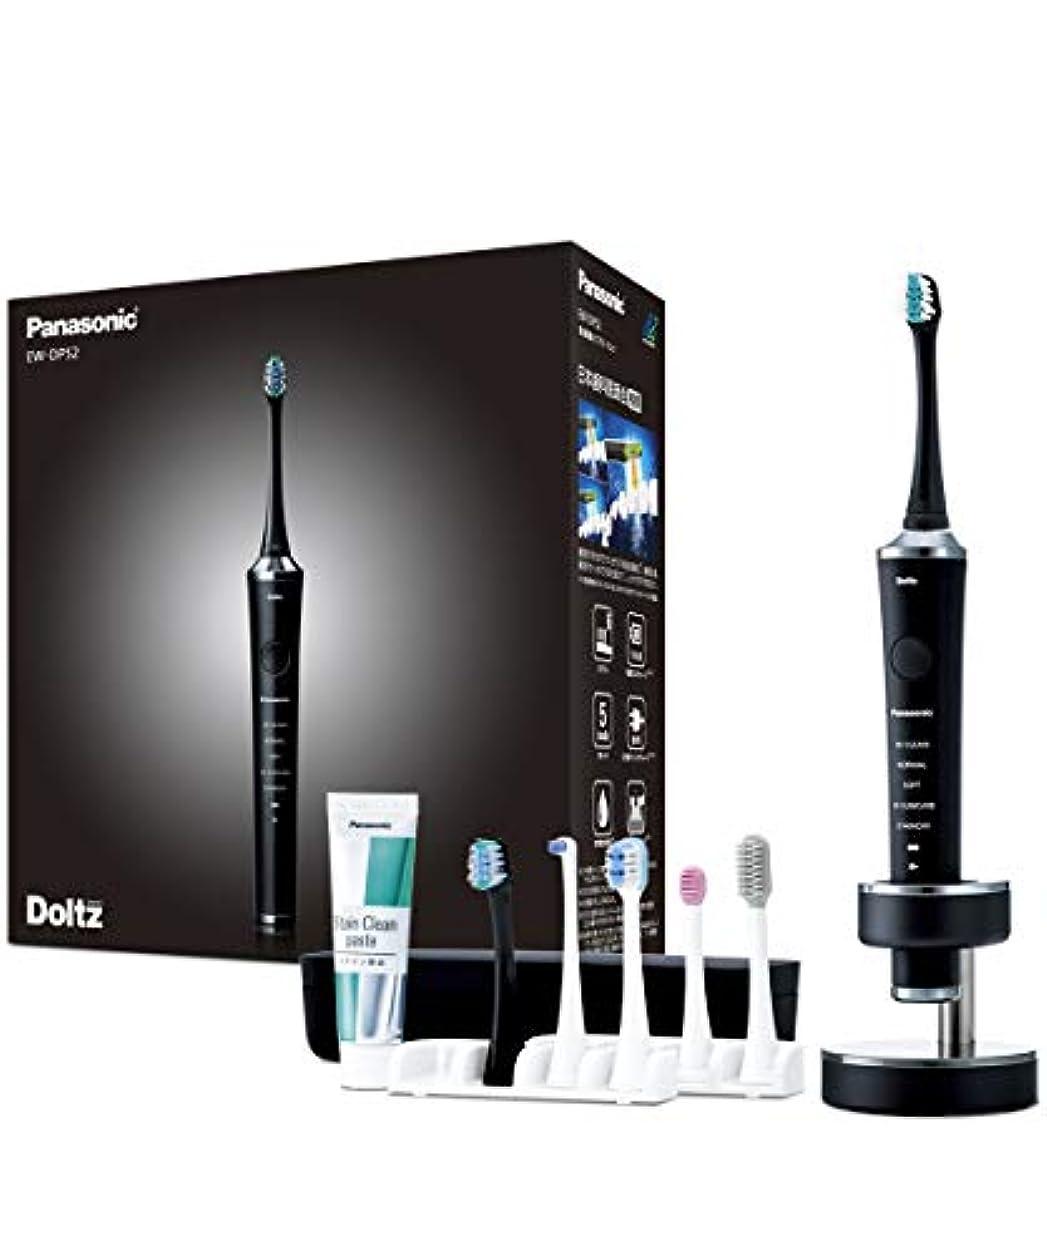 賢明な恒久的許可パナソニック 電動歯ブラシ ドルツ 黒 EW-DP52-K